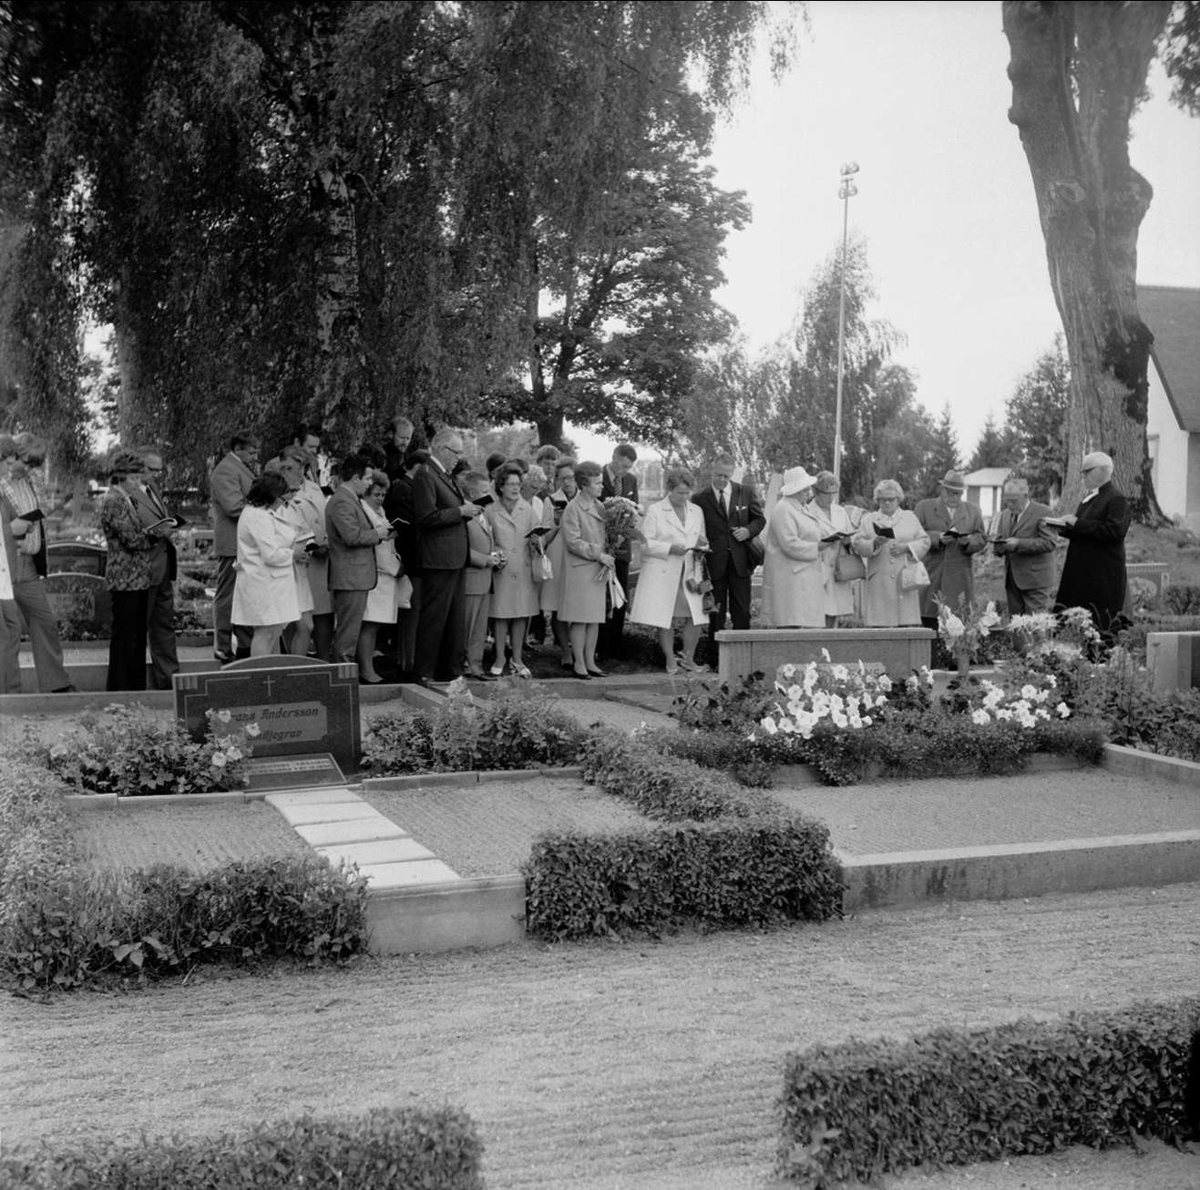 Släkt- och kusinträff på Tierps kyrkas kyrkogård, Uppland september 1972. Grupp samlad framför grav